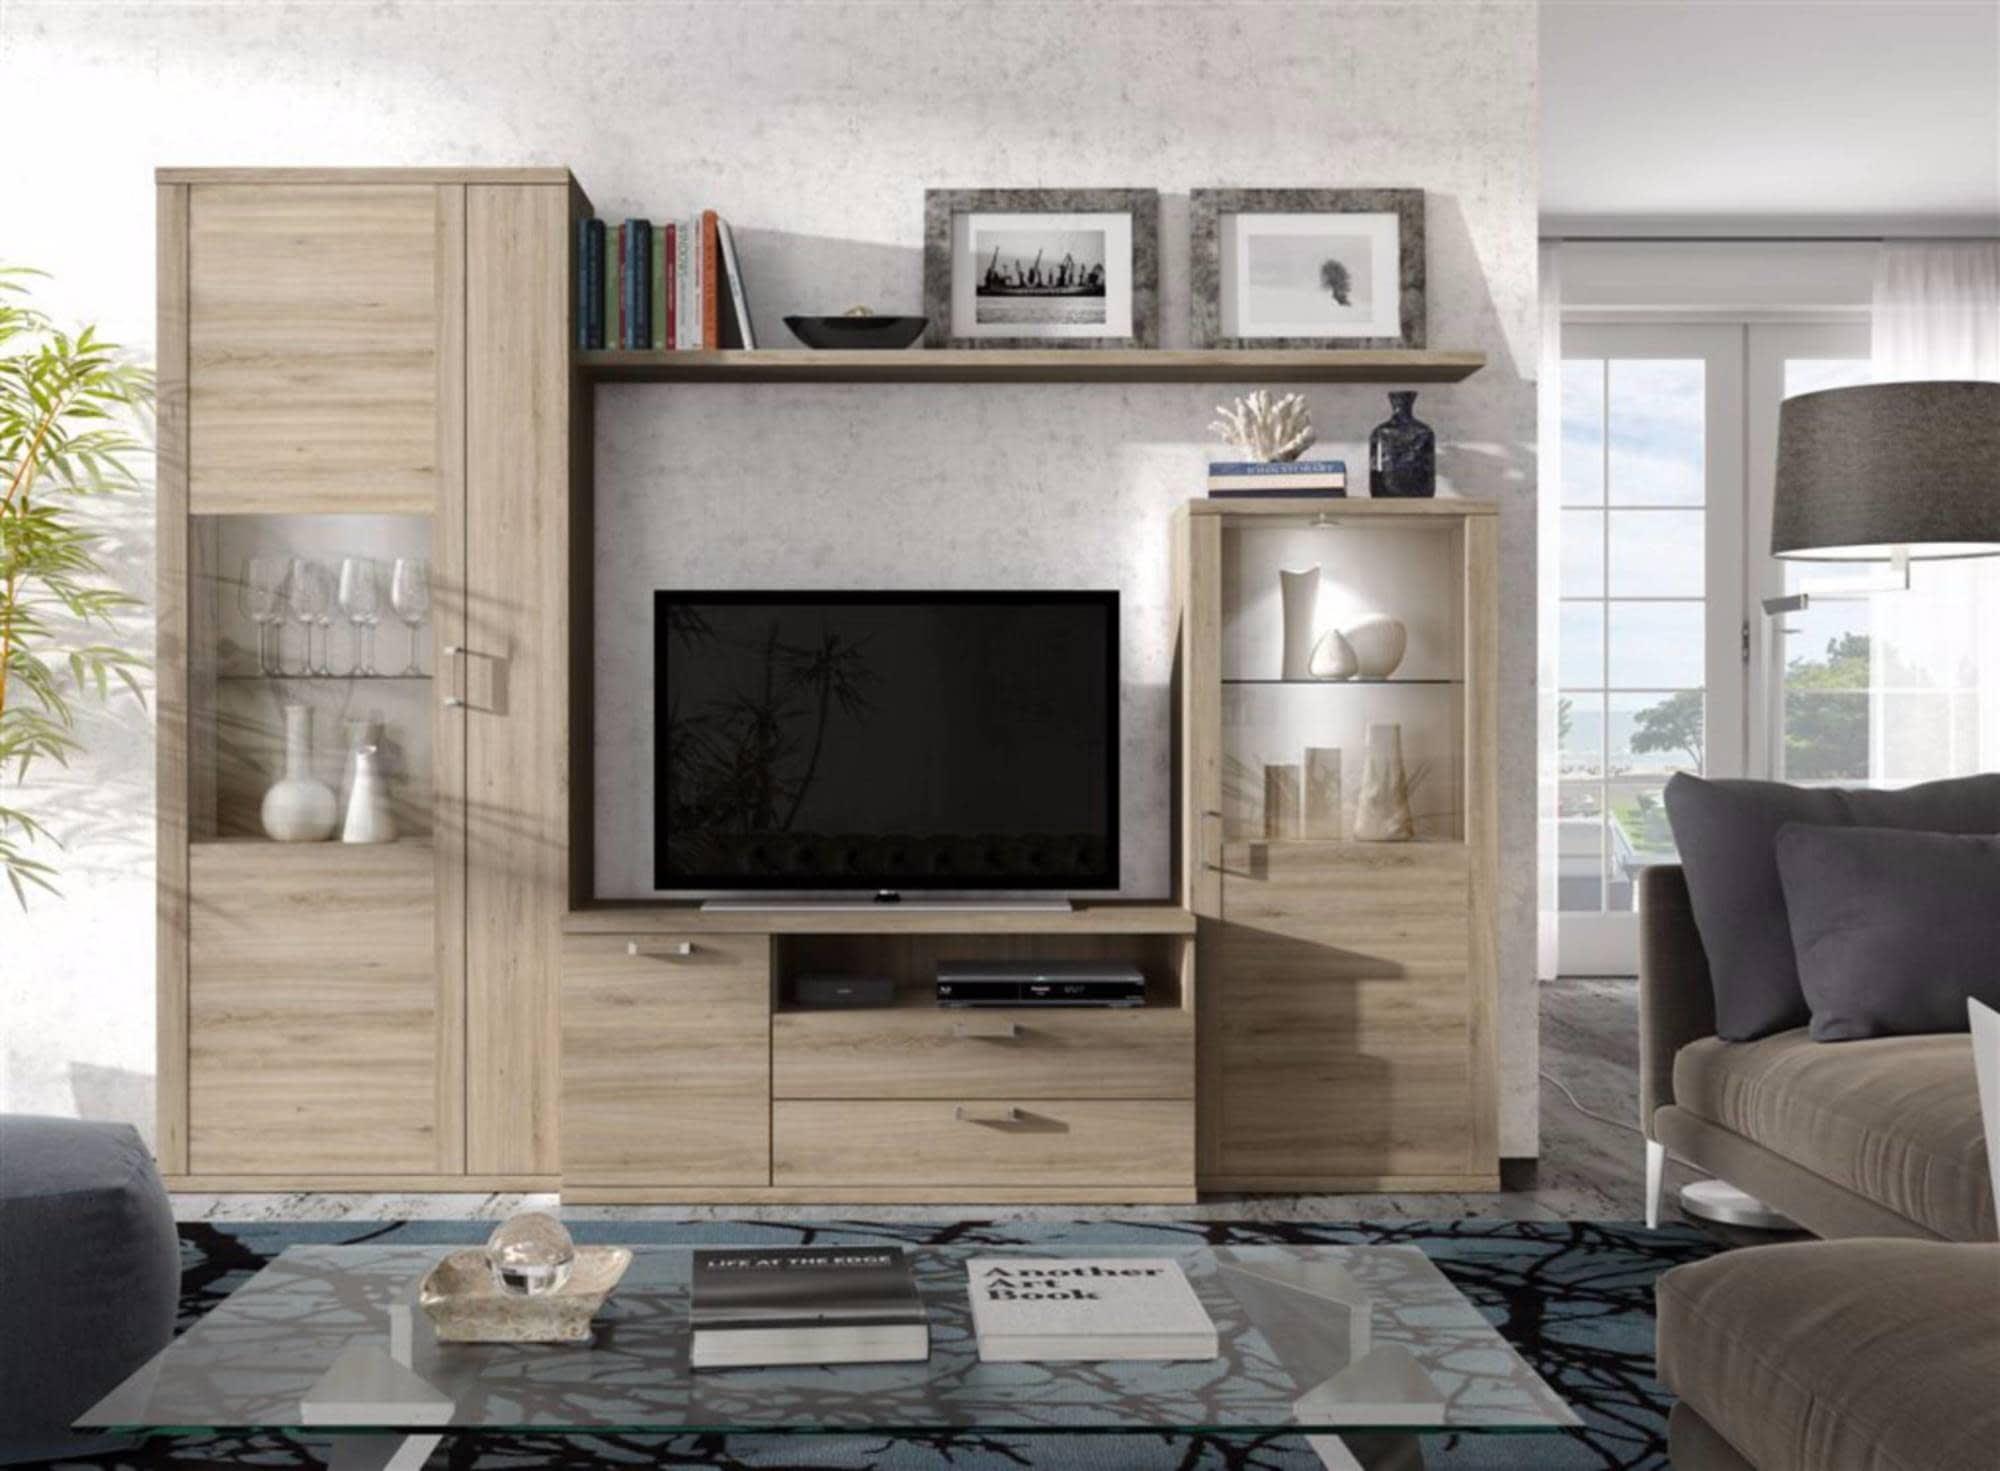 Muebles cabrera obtenga ideas dise o de muebles para su hogar aqu - Muebles cabrera huelva catalogo ...